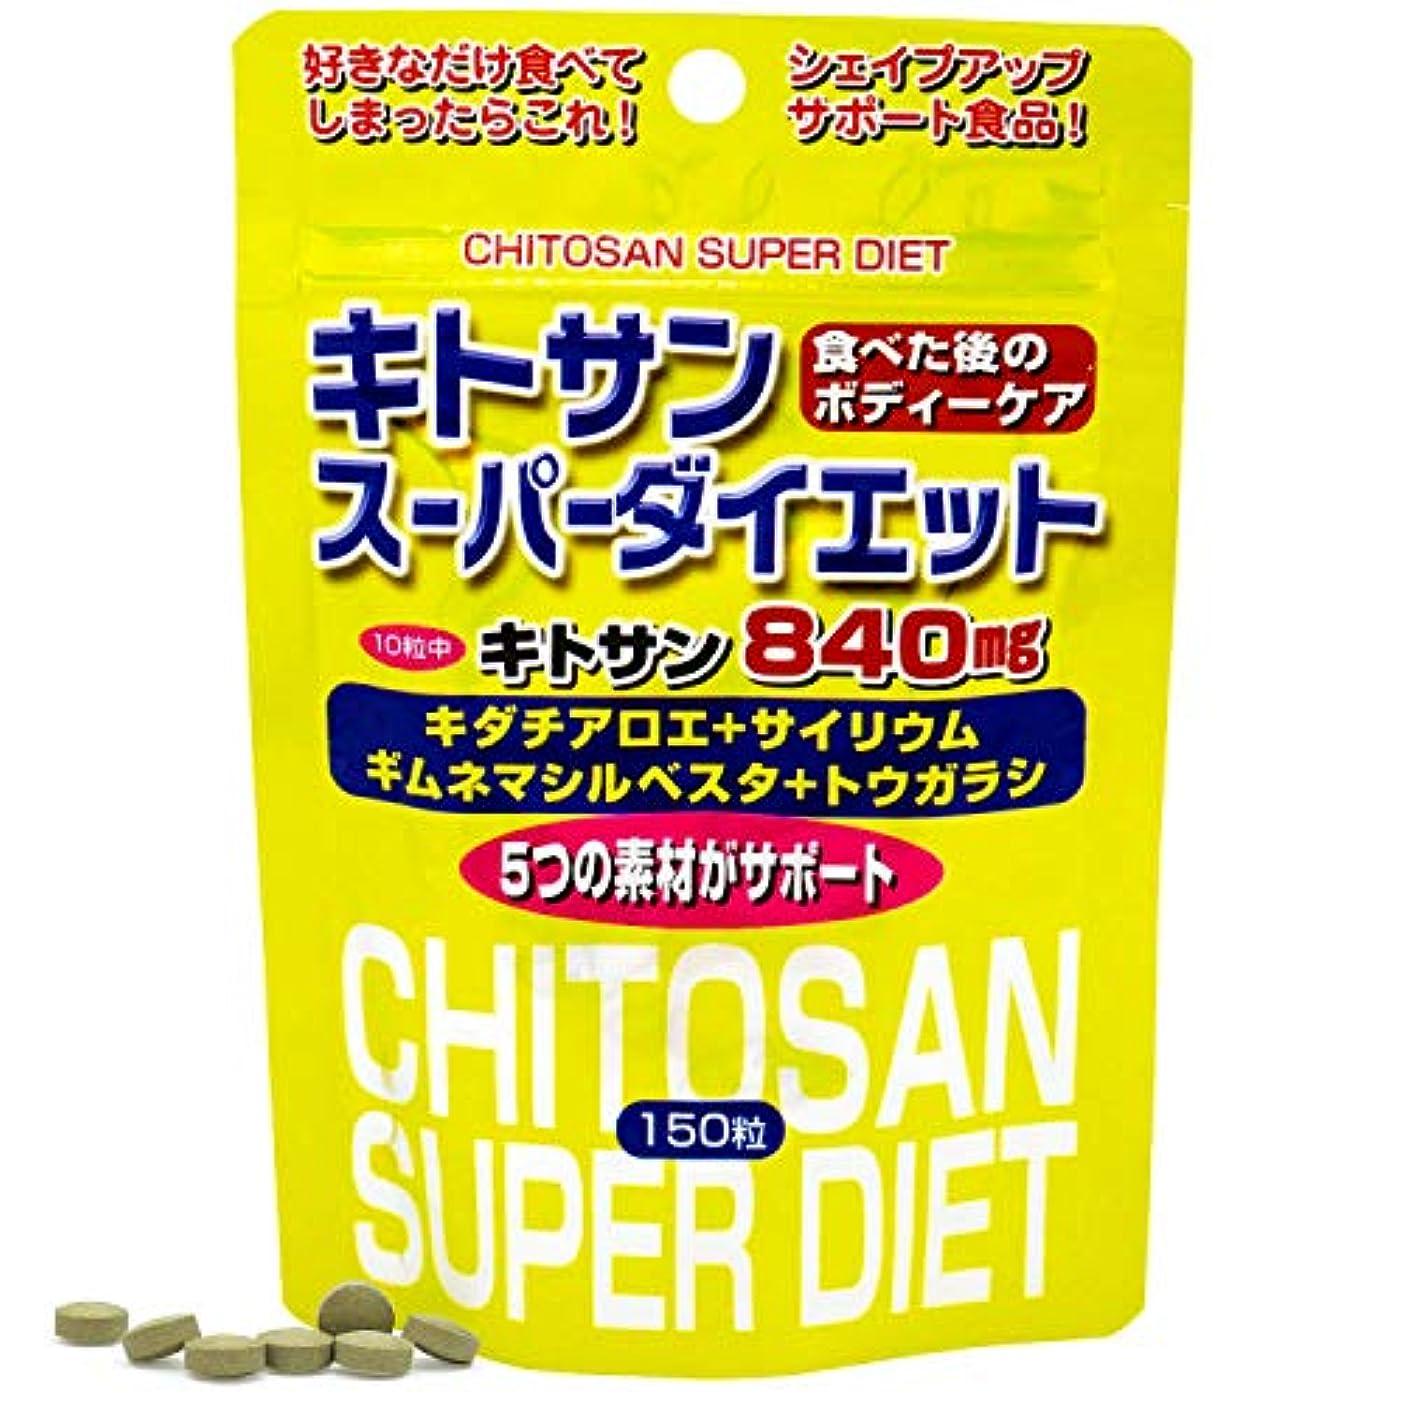 中間マーティンルーサーキングジュニアこれらユウキ製薬 スタンドパック キトサンスーパーダイエット 15-21日分 150粒